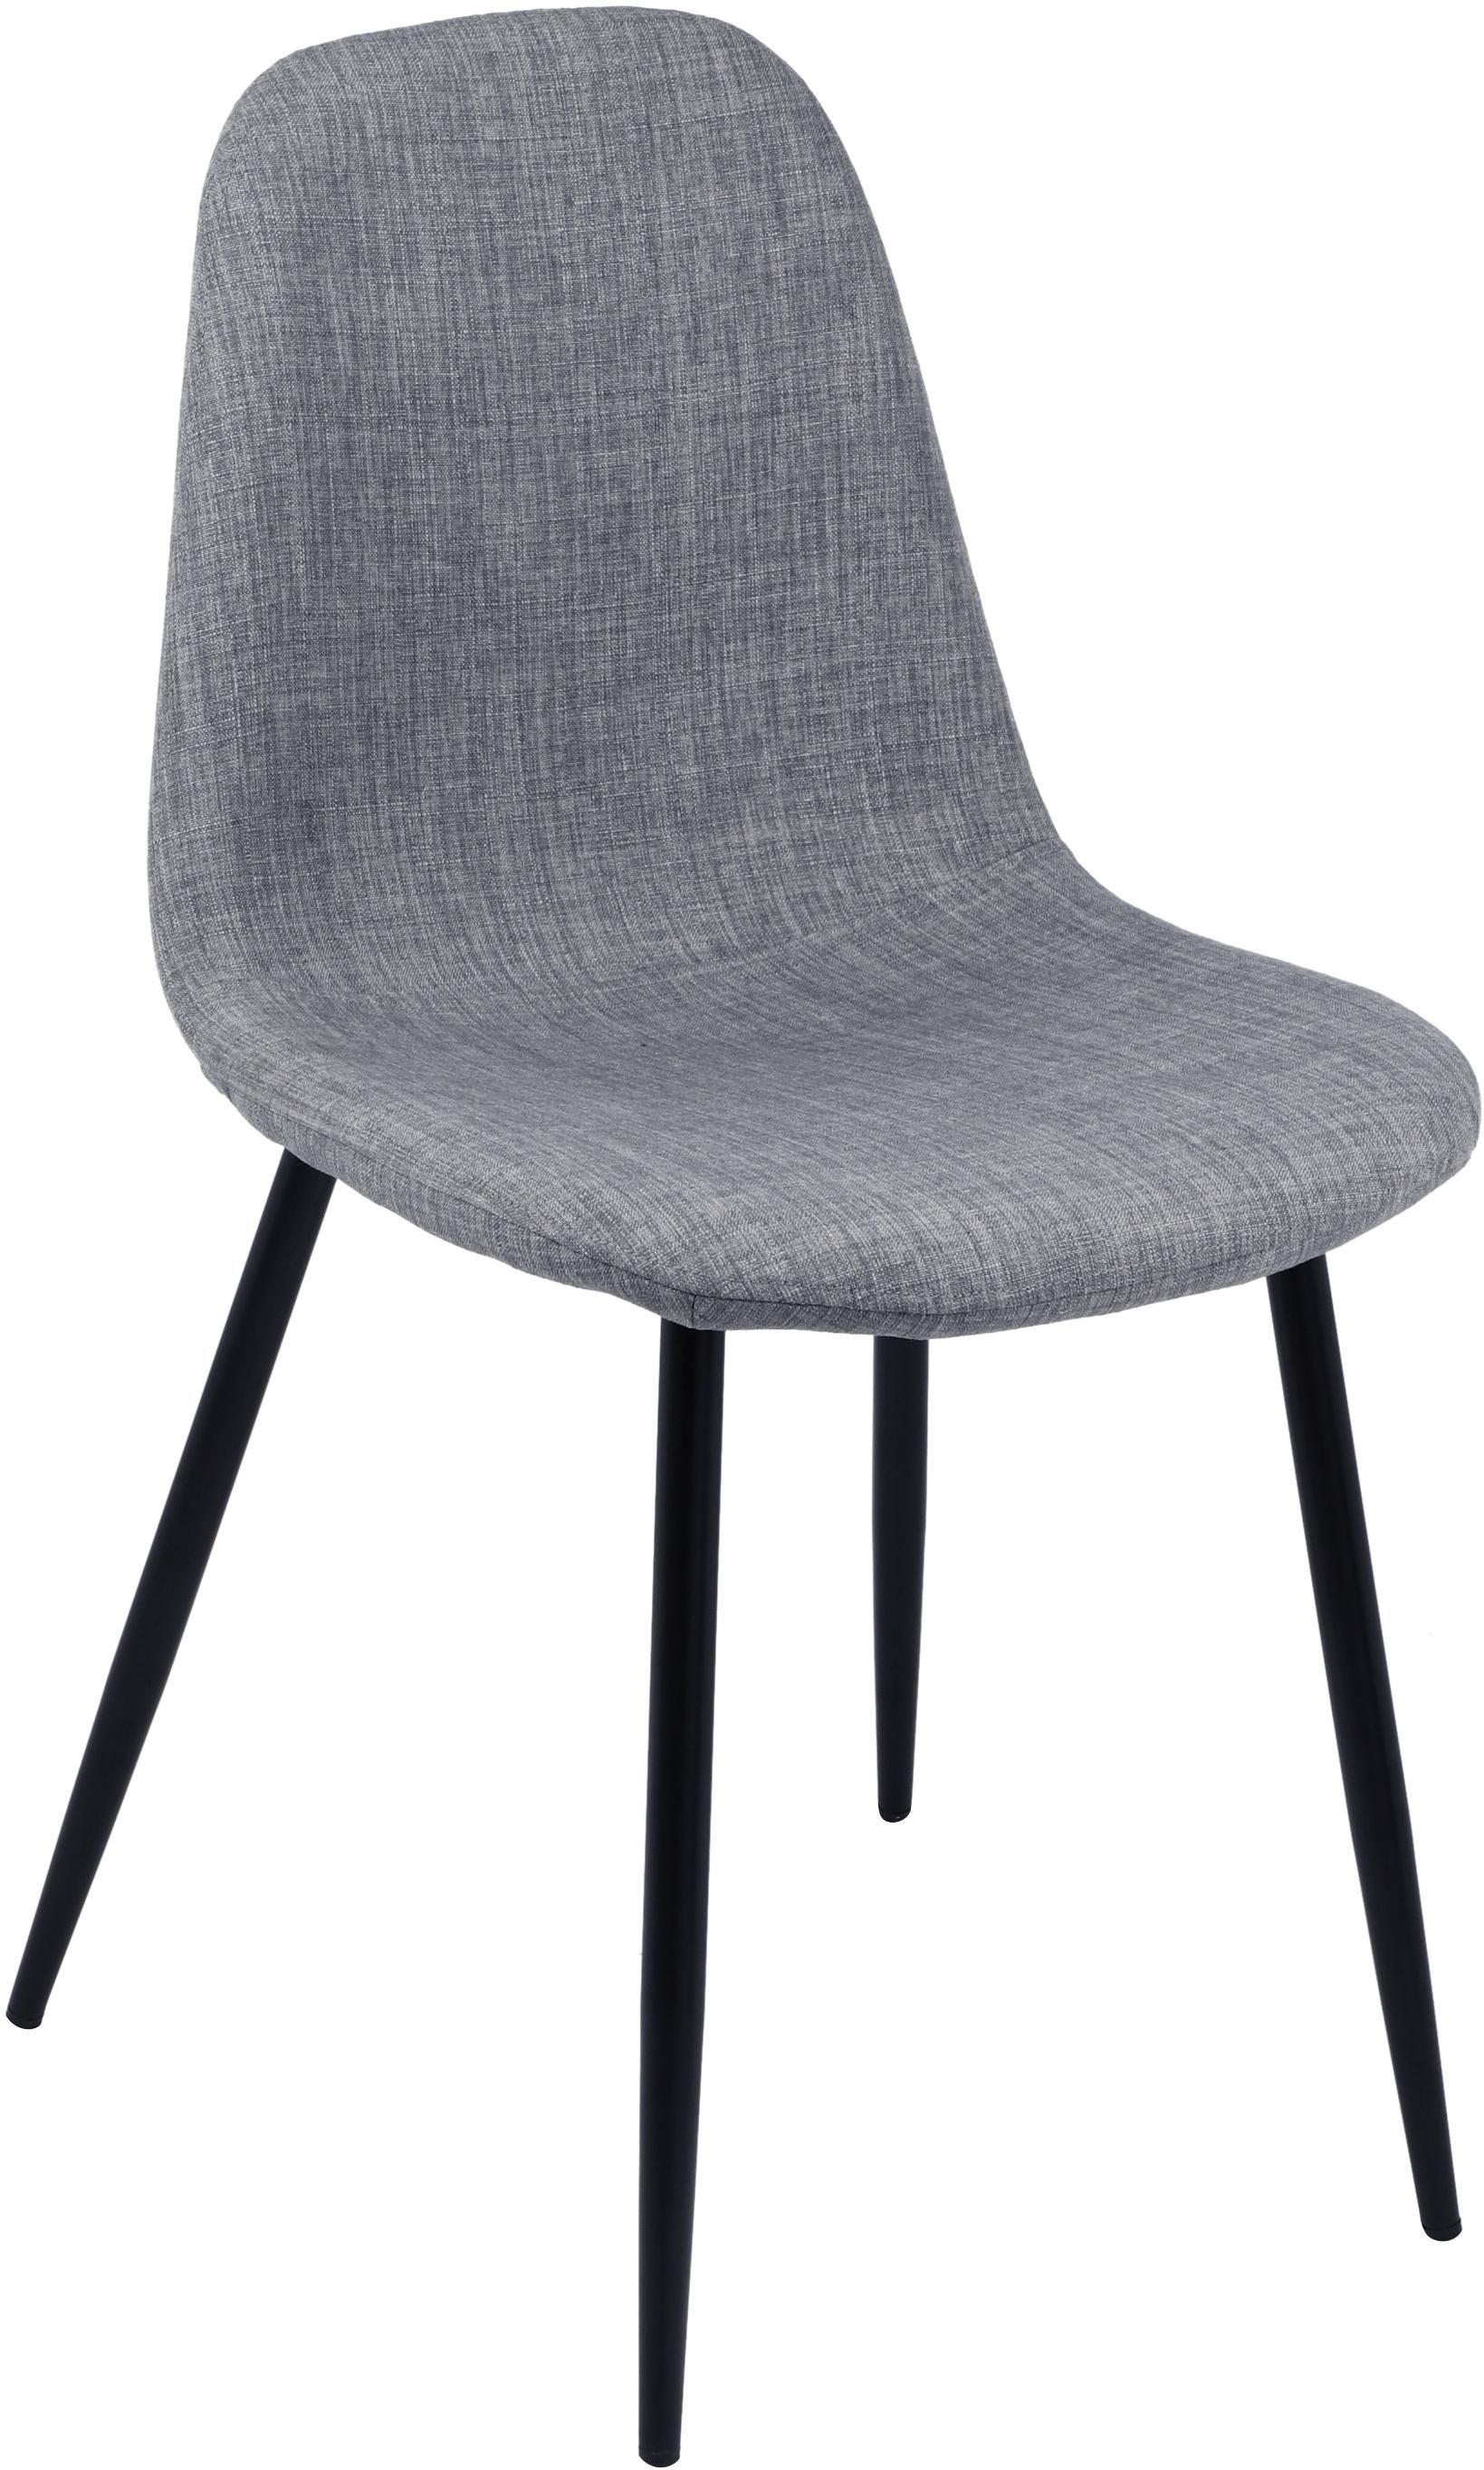 Sillas tapizadas Karla, 2uds., Tapizado: 100%poliéster, Patas: metal, Tejido gris claro, patas negro, An 44 x F 53 cm